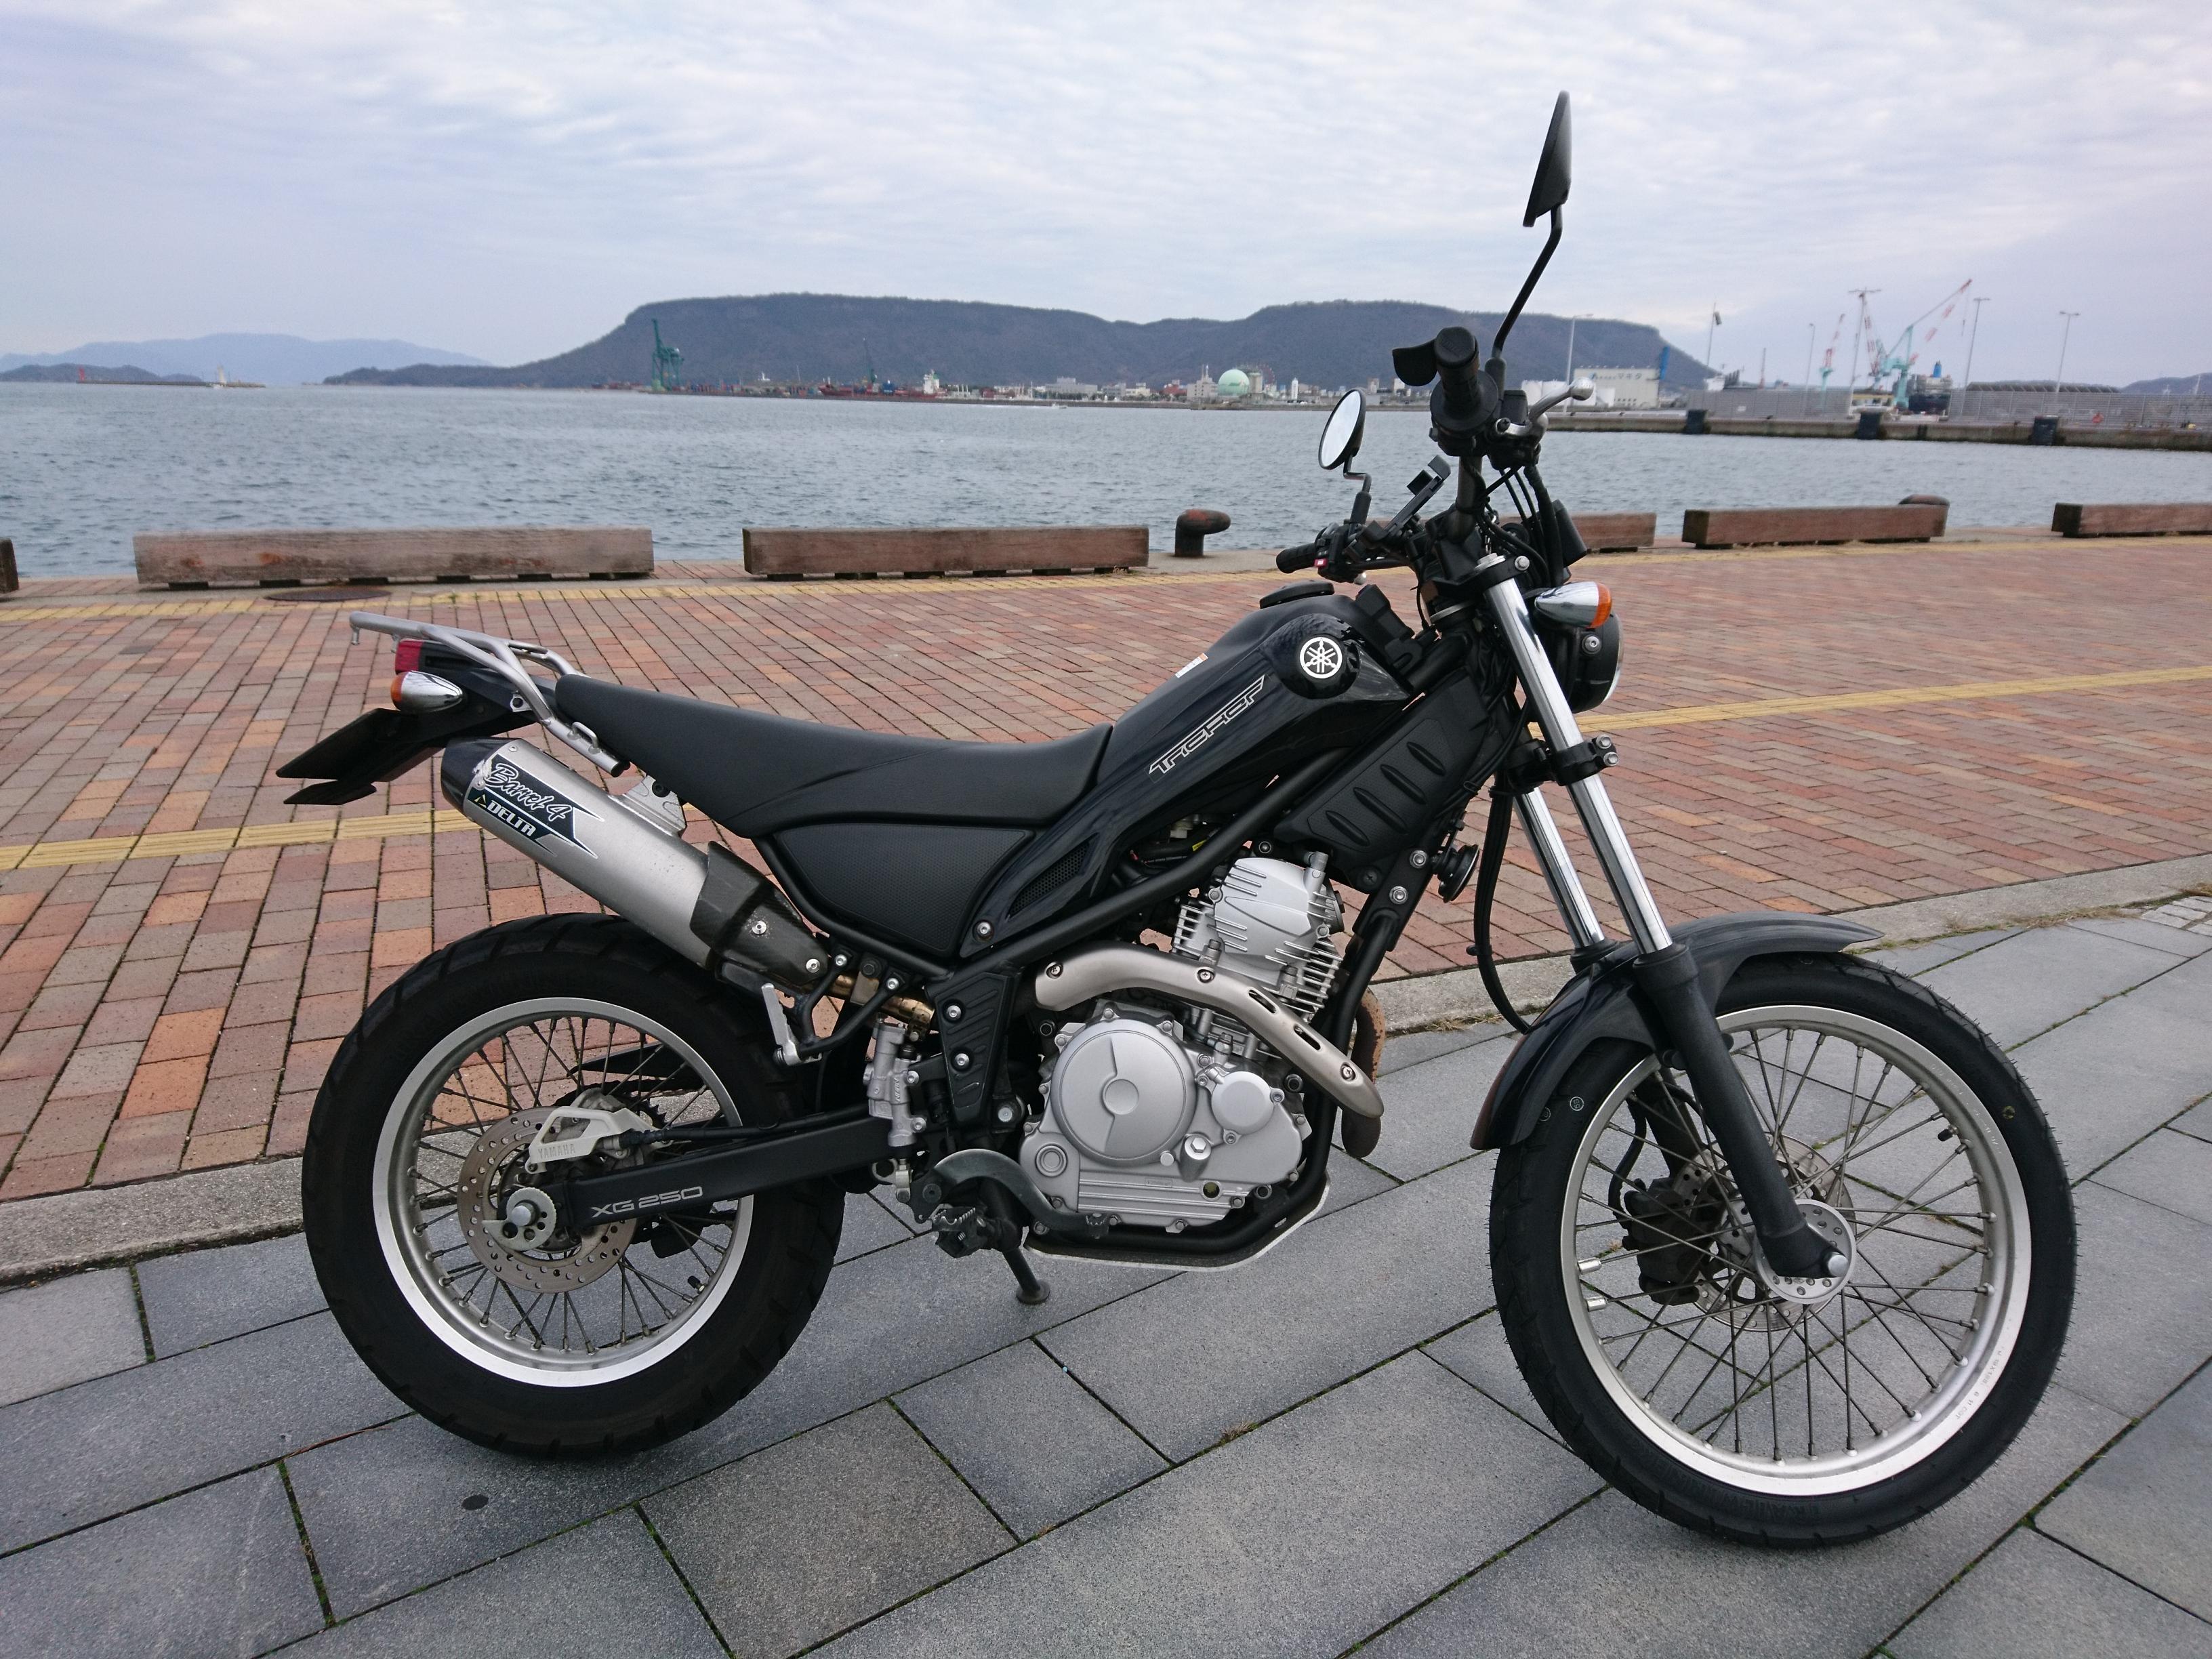 トリッカー(SH-201) - 【公式】レンタルバイクのベストBike® 高松空港